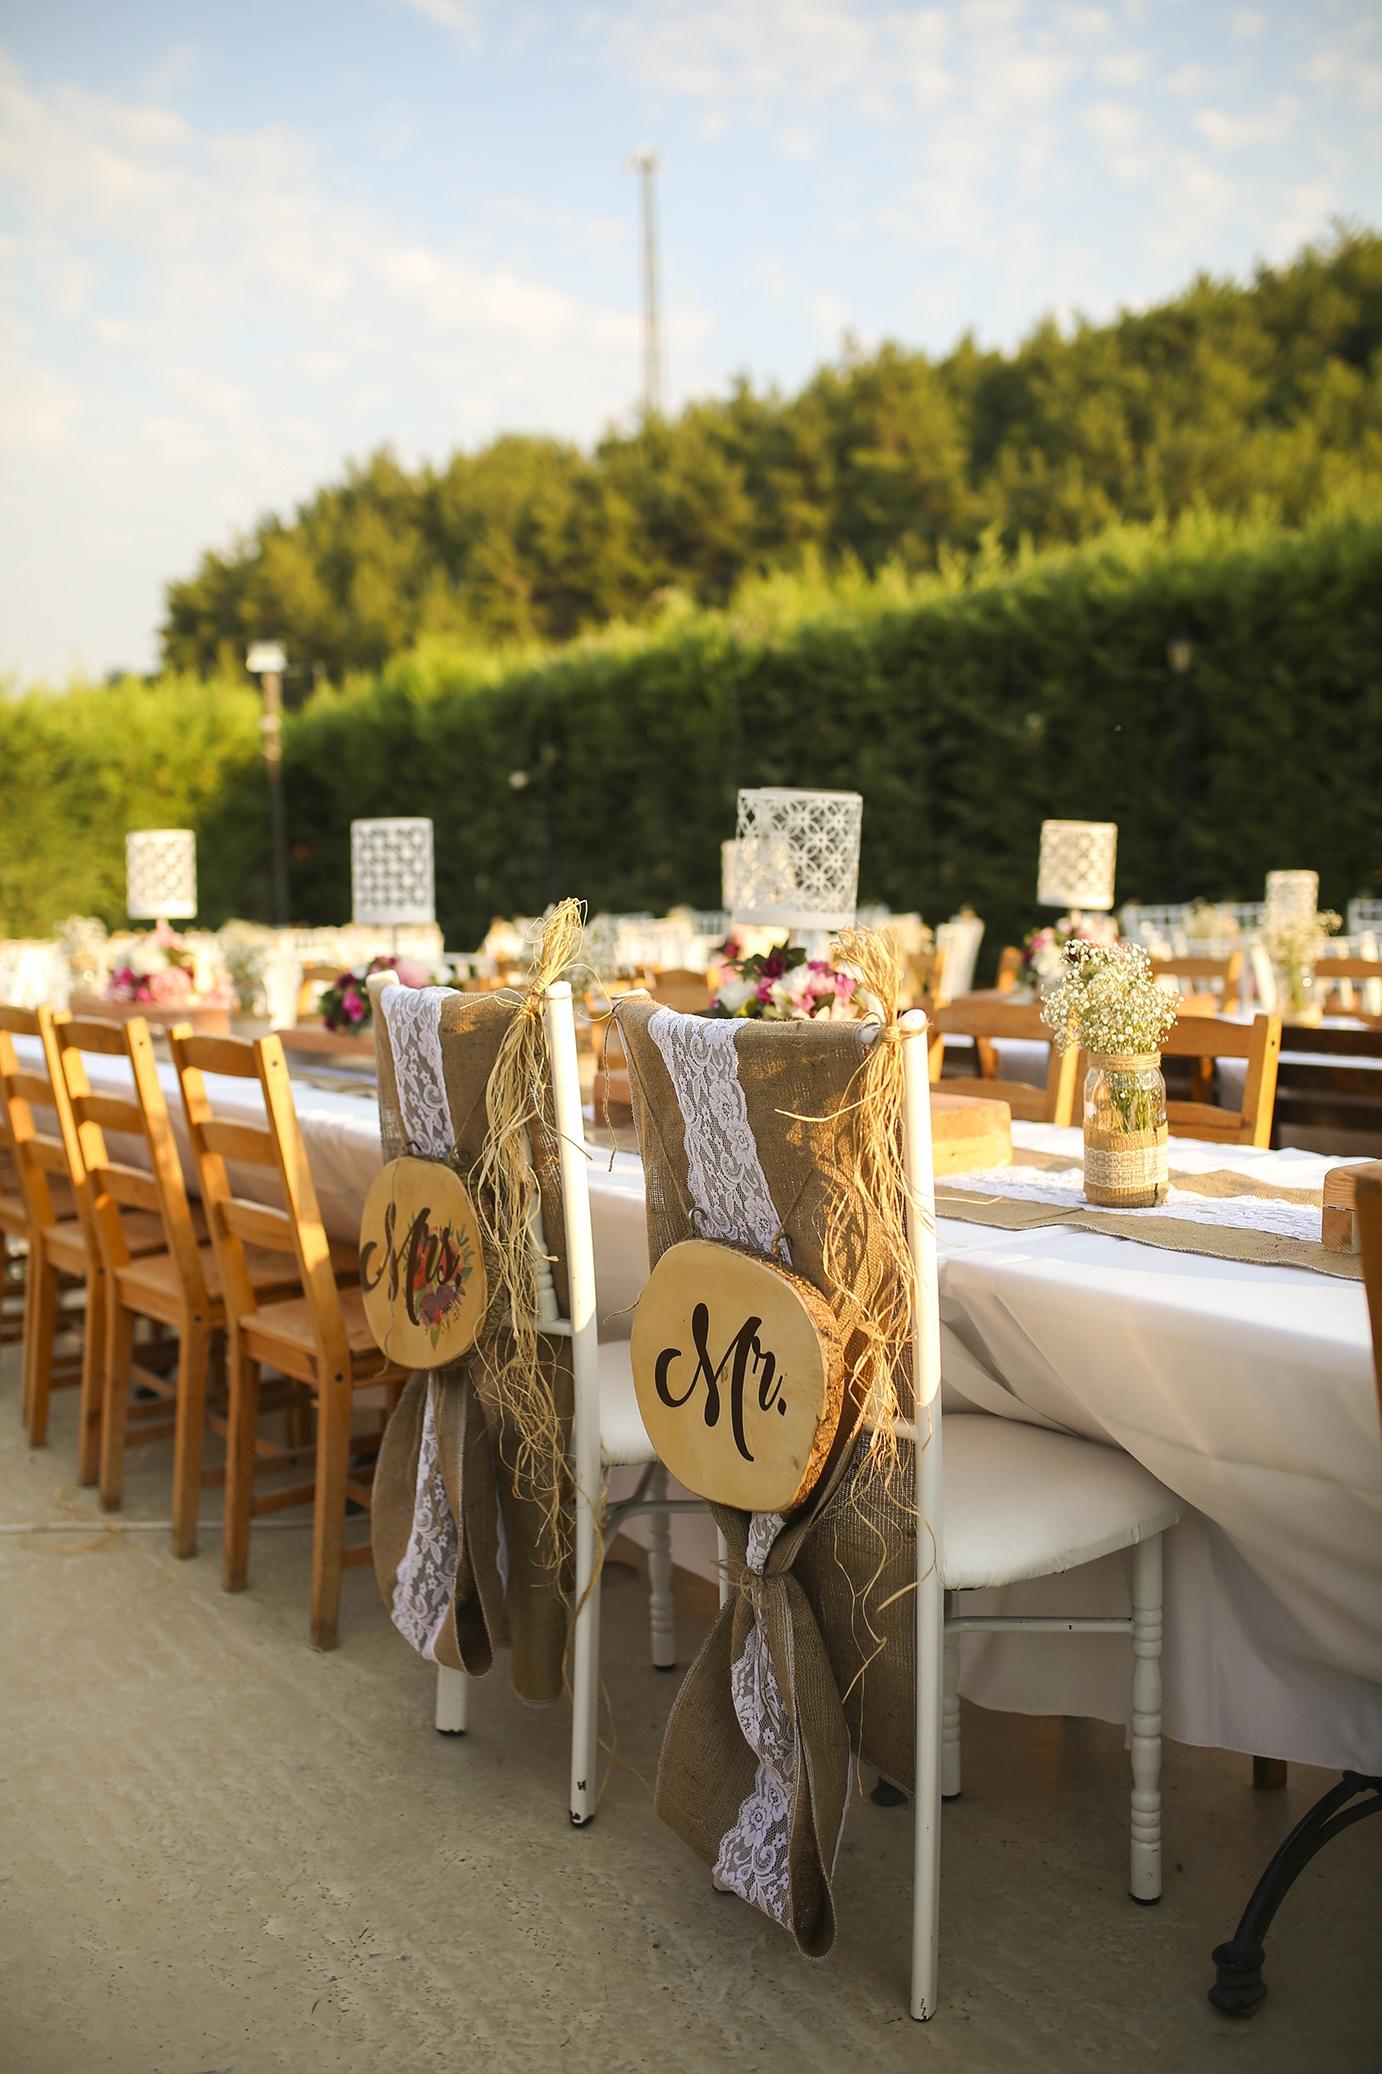 eba45c35e70d7 Düğün Organizasyonu,Düğün organizasyonu izmir,izmir düğün organizasyonu